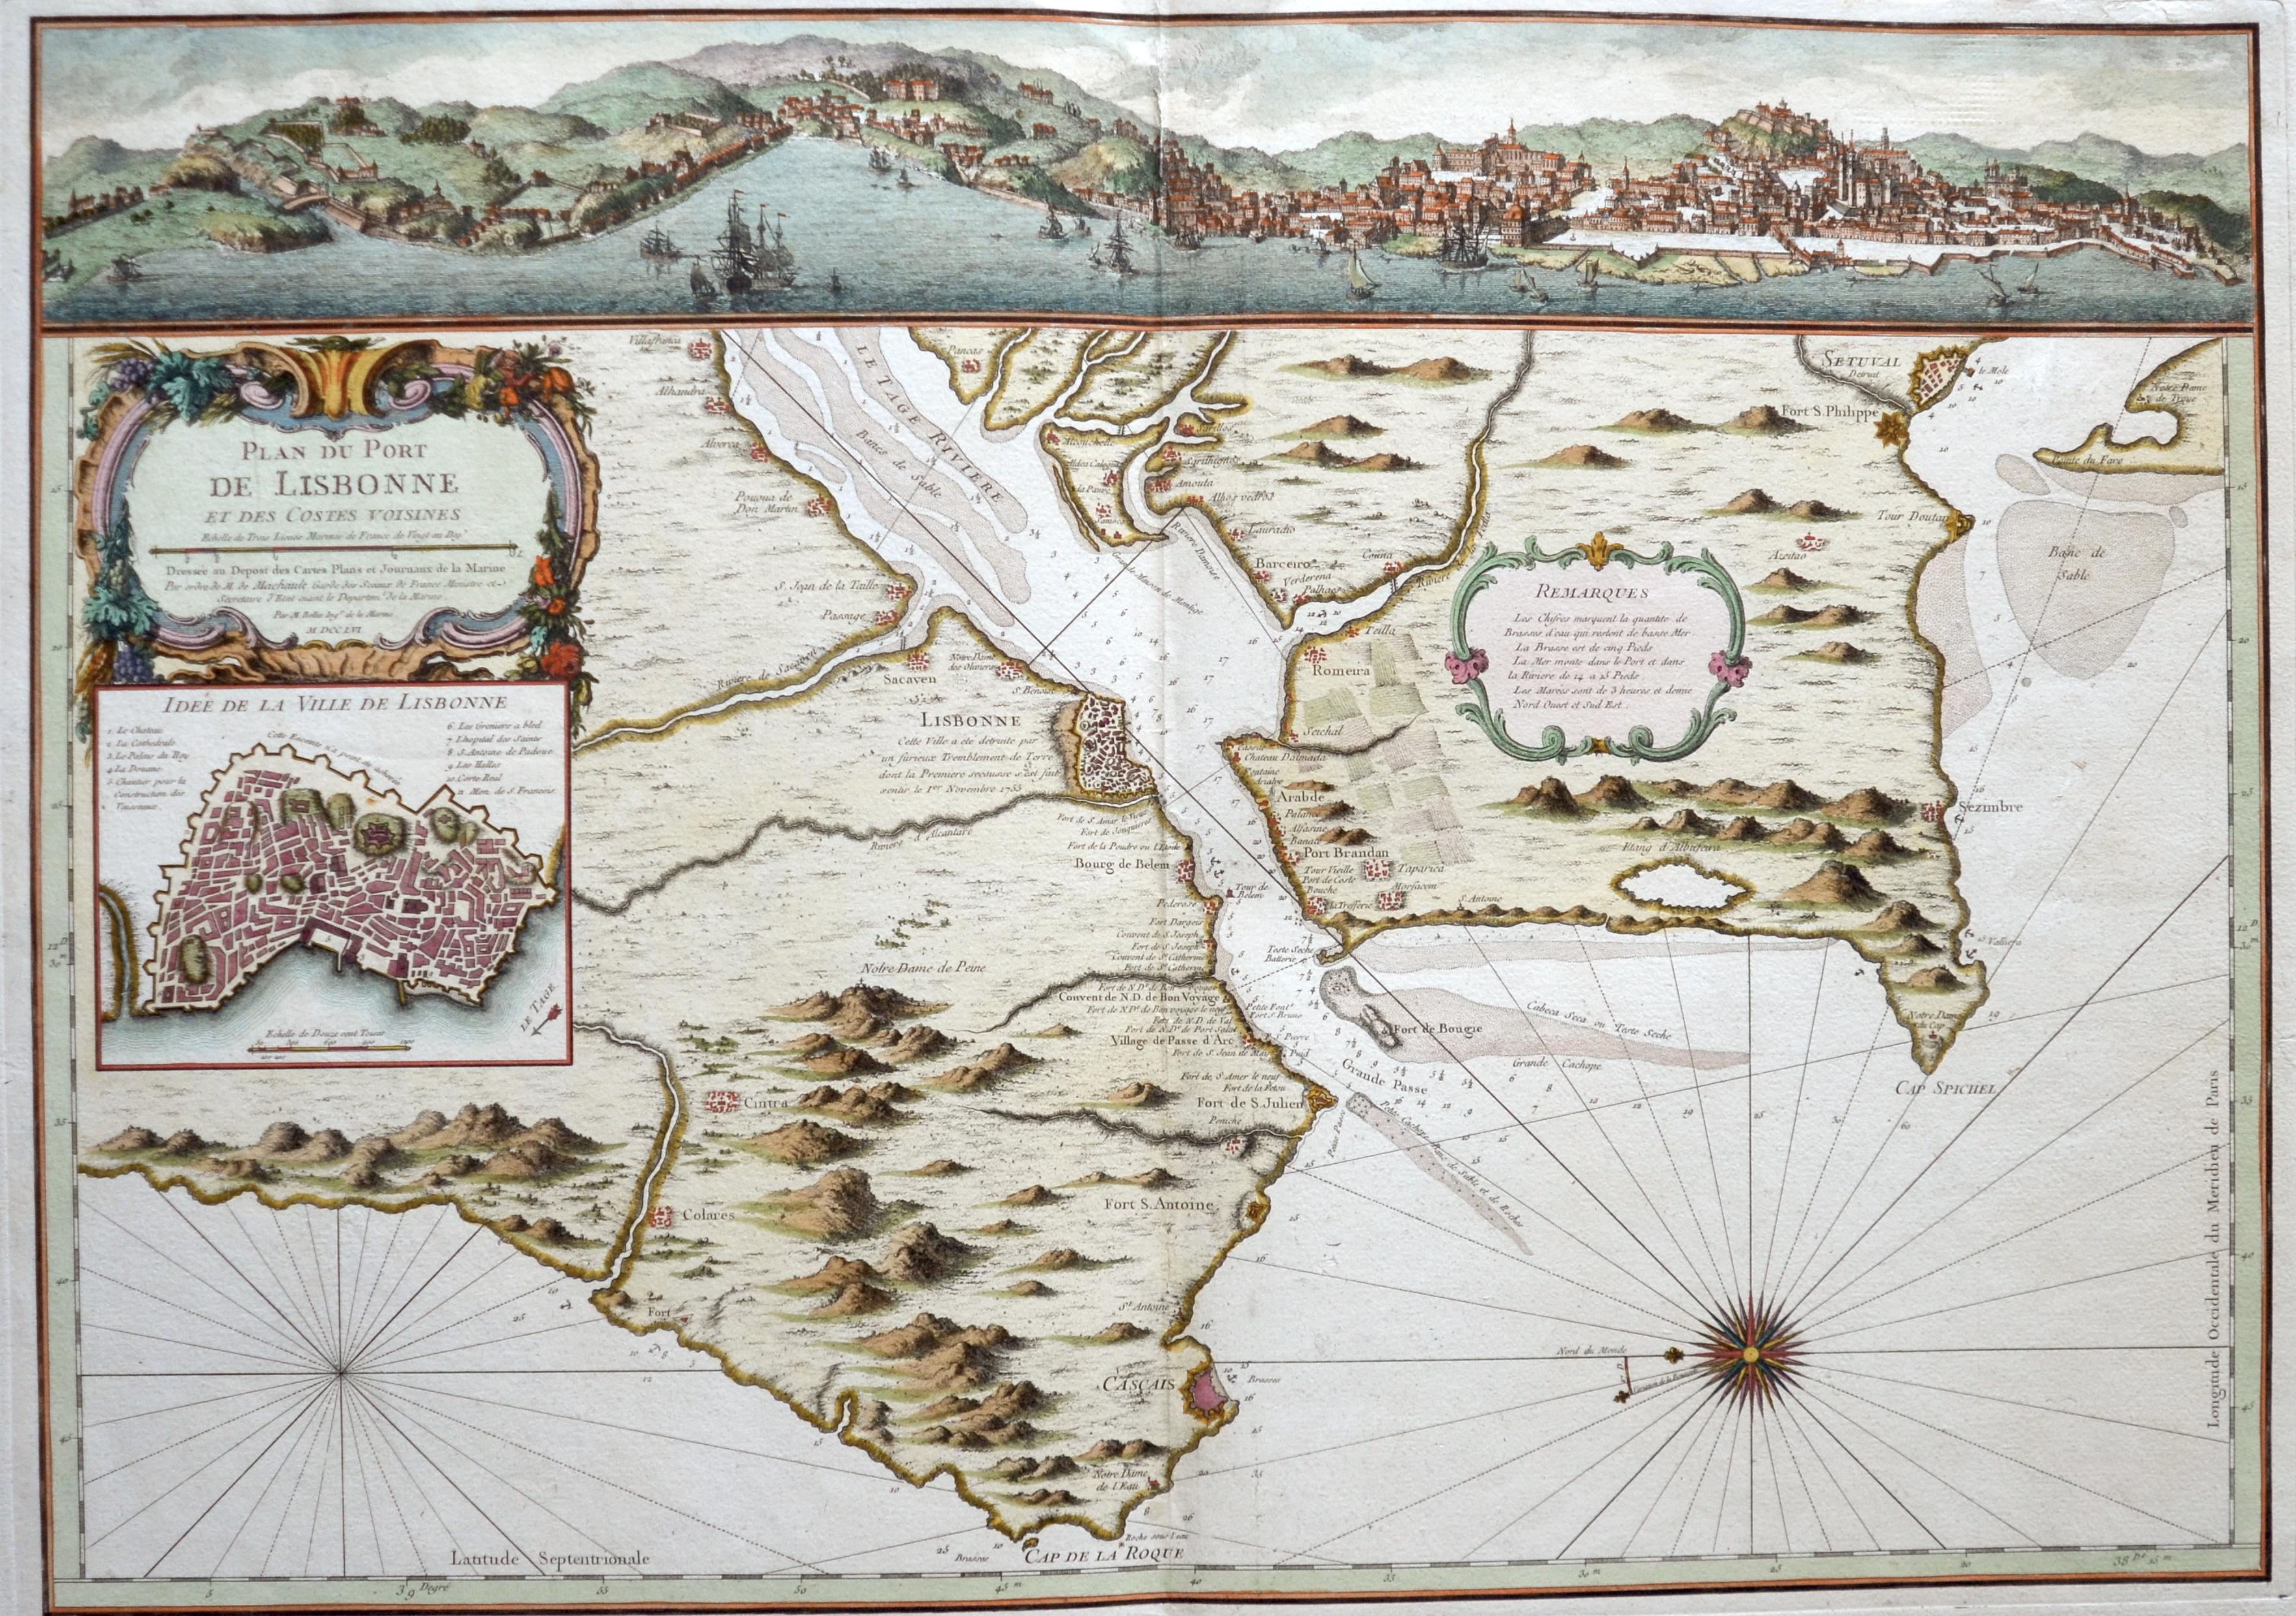 Bellin Jacques Nicolas Plan du Port de Lisbonne et des Costes Voisines